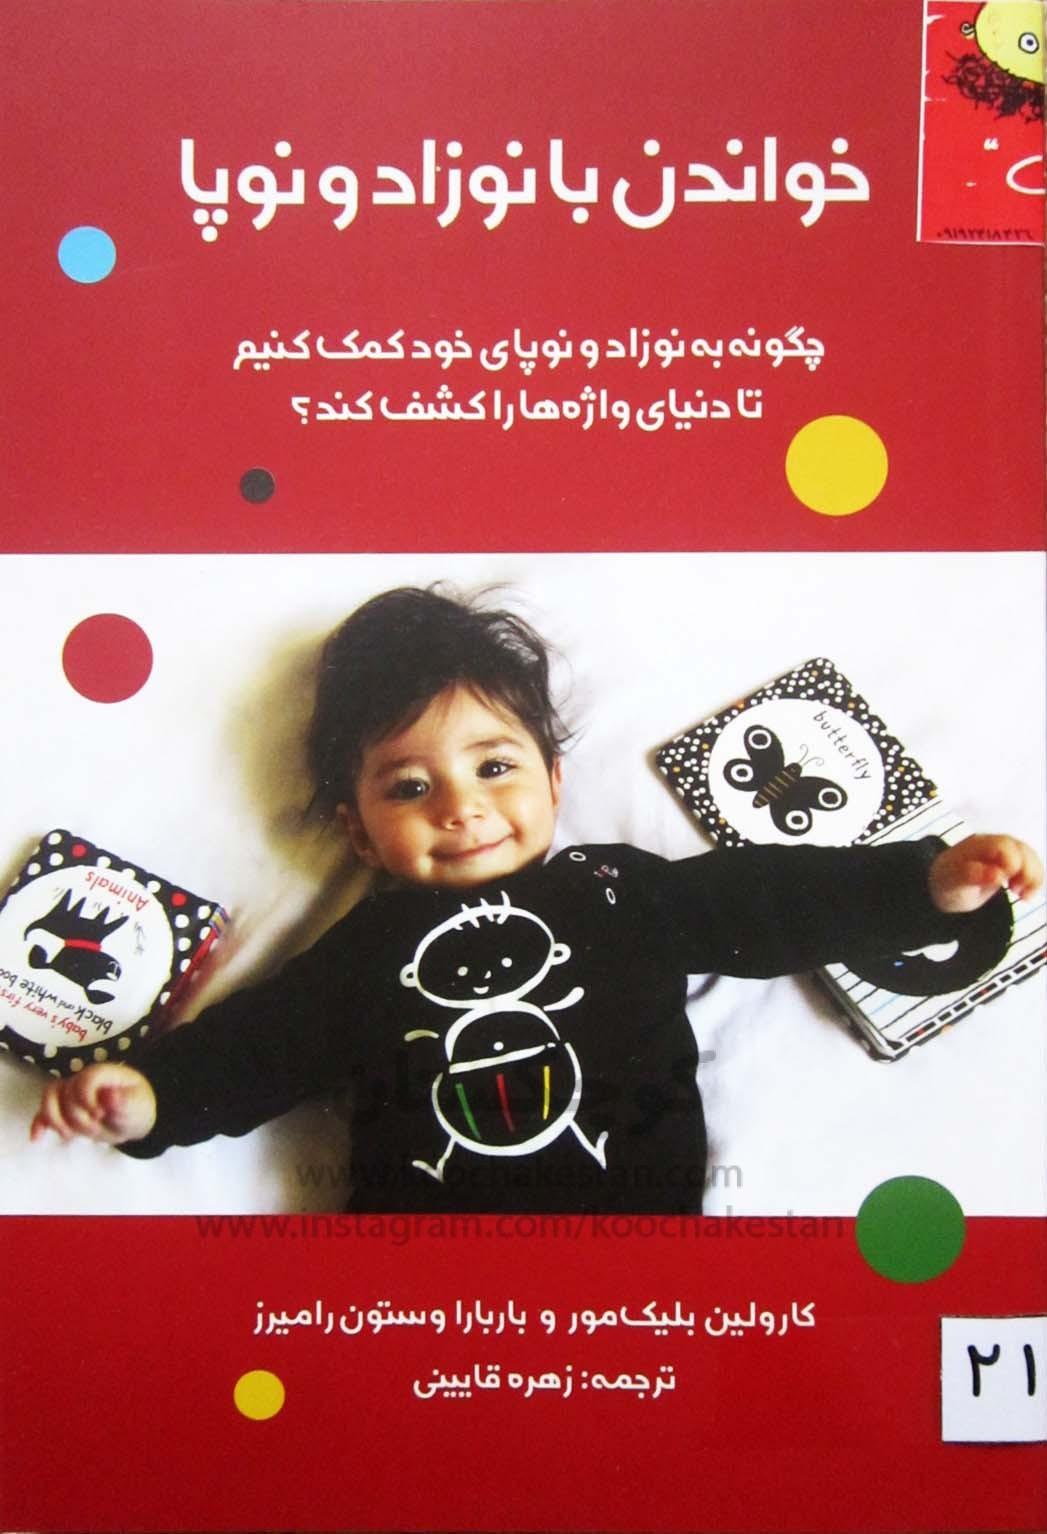 خواندن با نوزاد و نوپا - کتابخانه کودک - کوچکستان